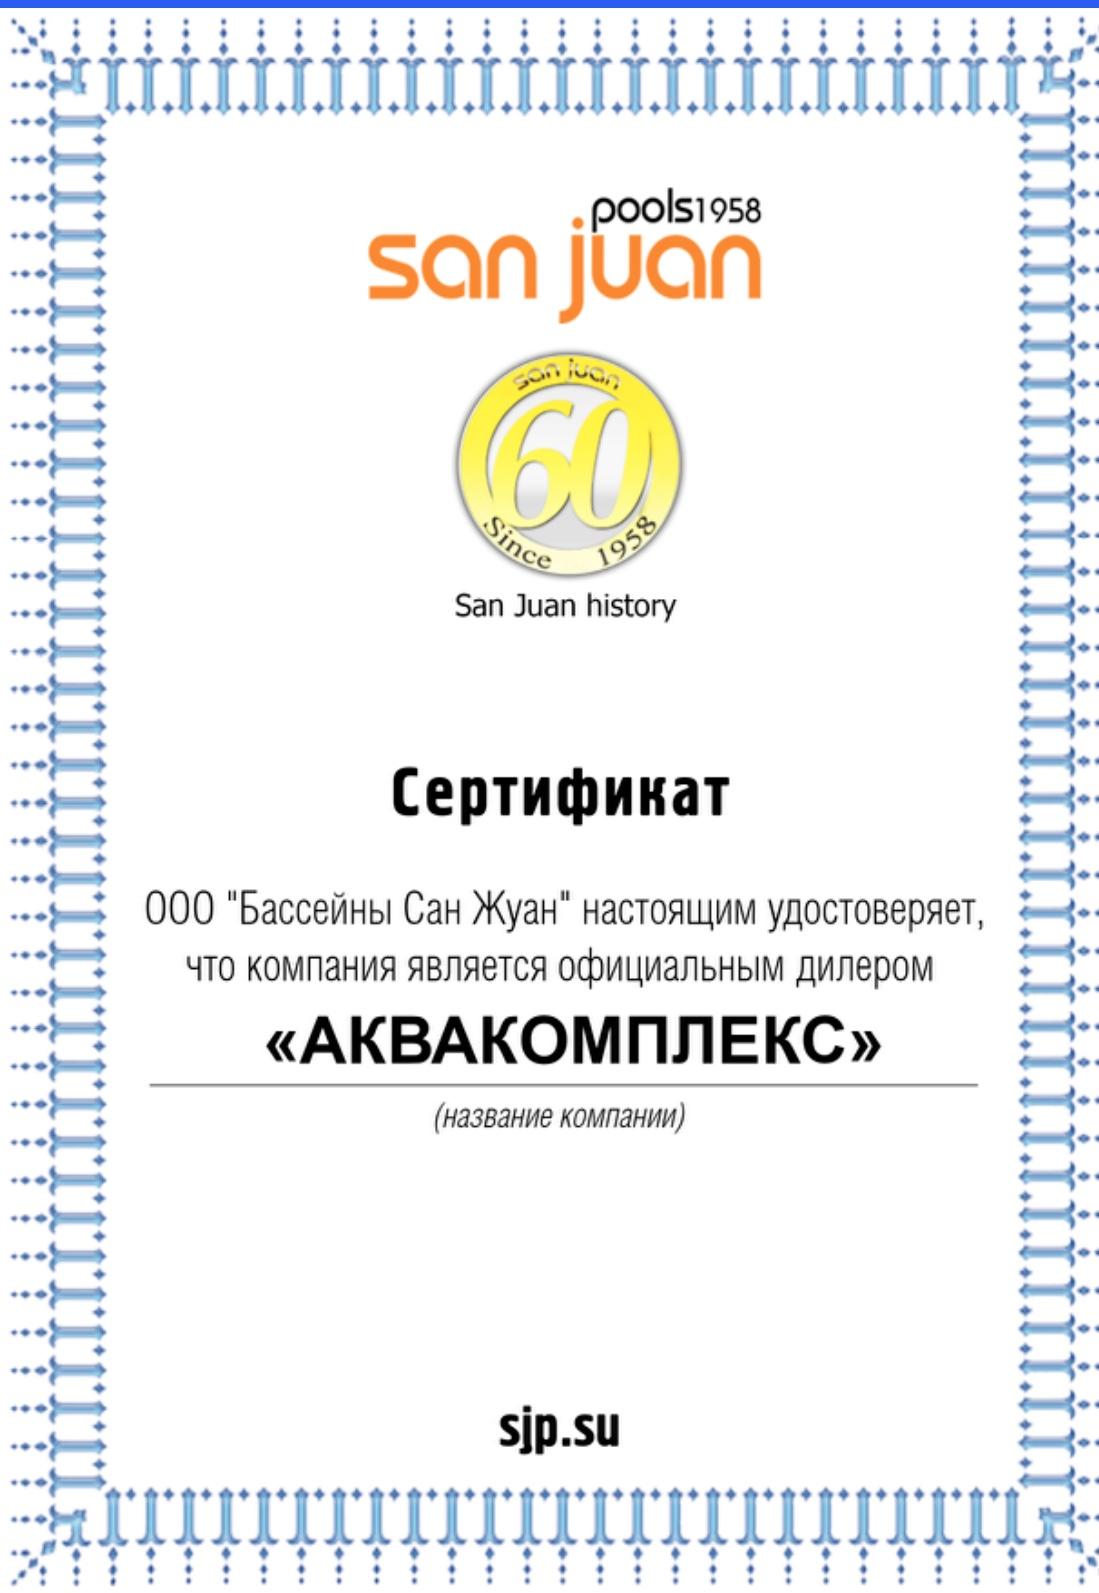 Сертификат СanJuan